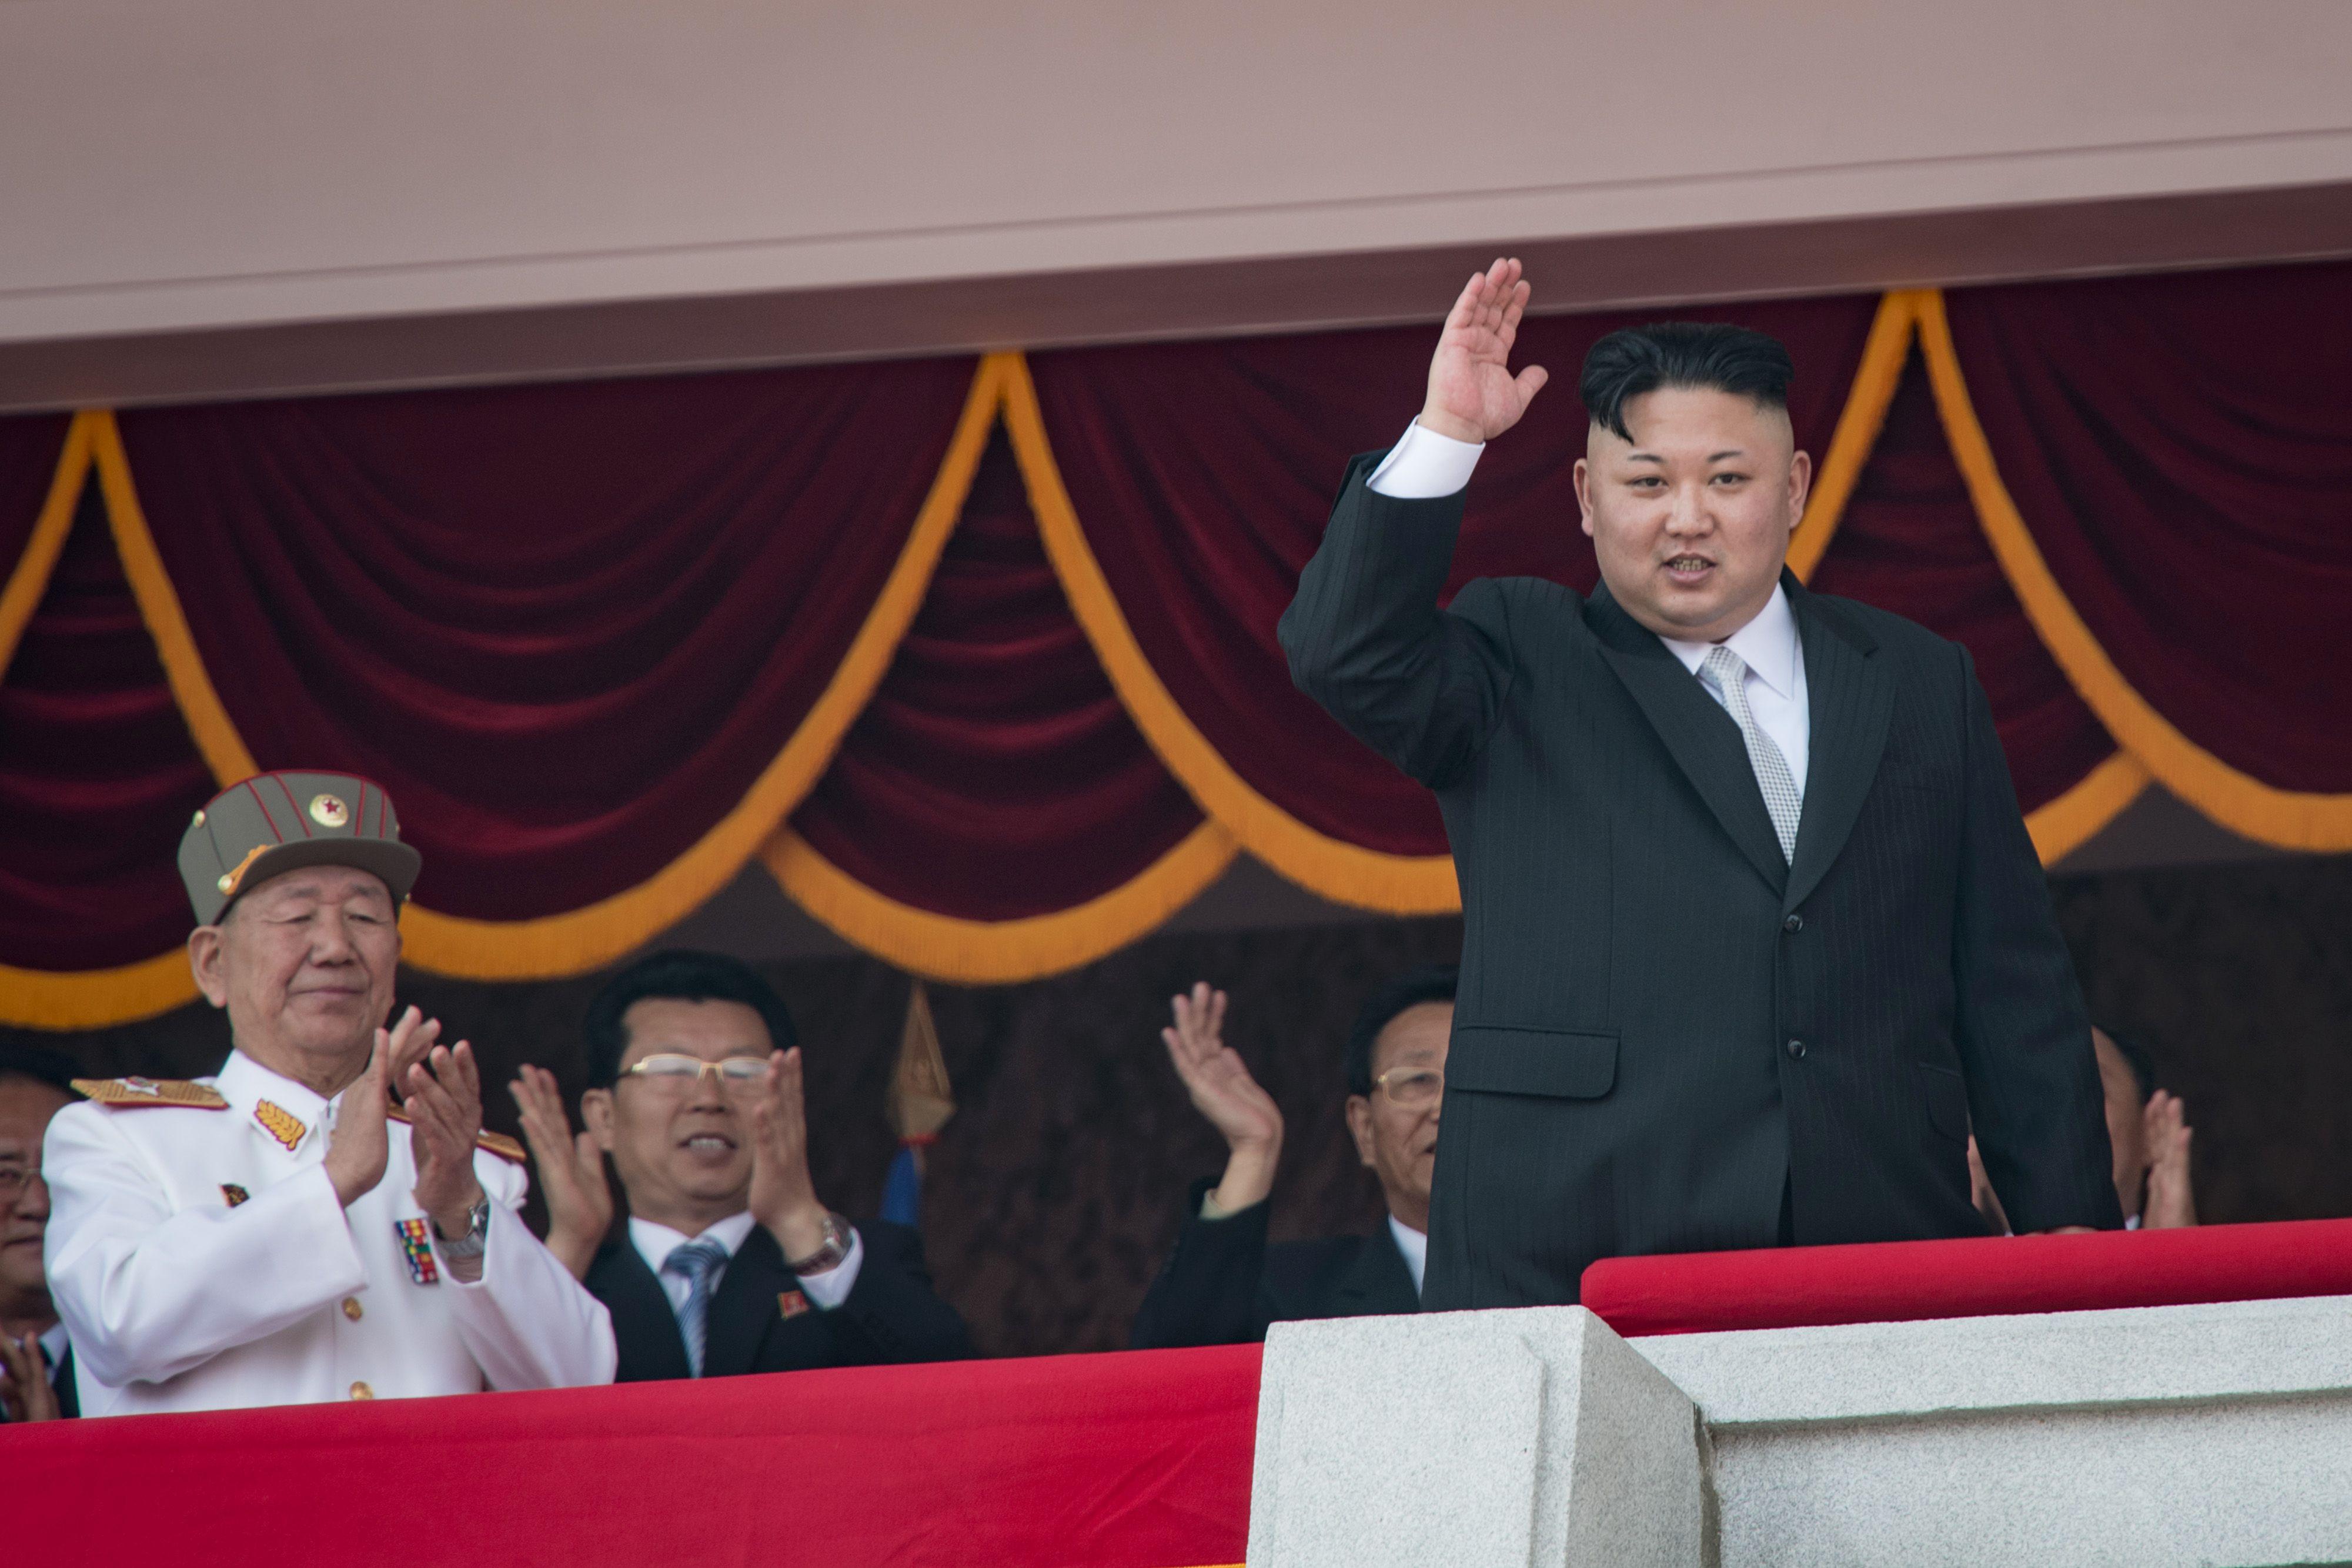 زعيم كوريا الشمالية يحيى الجنود خلال العرض العسكرى